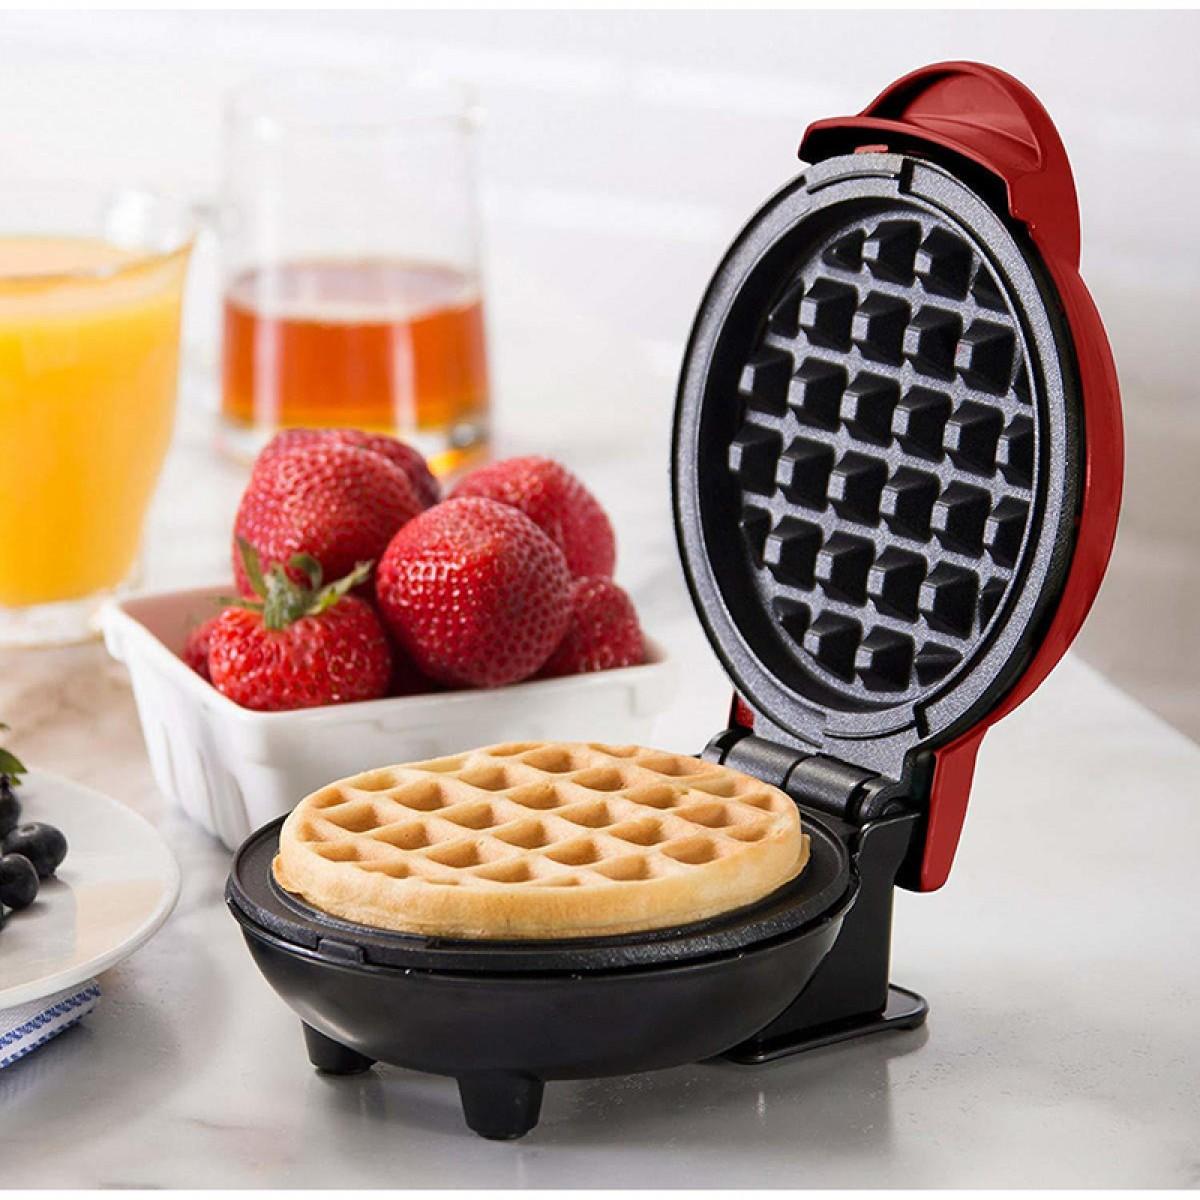 Σούπερ Μίνι Βαφλιέρα για Βαφλάκια – Oem Mini Waffle Maker